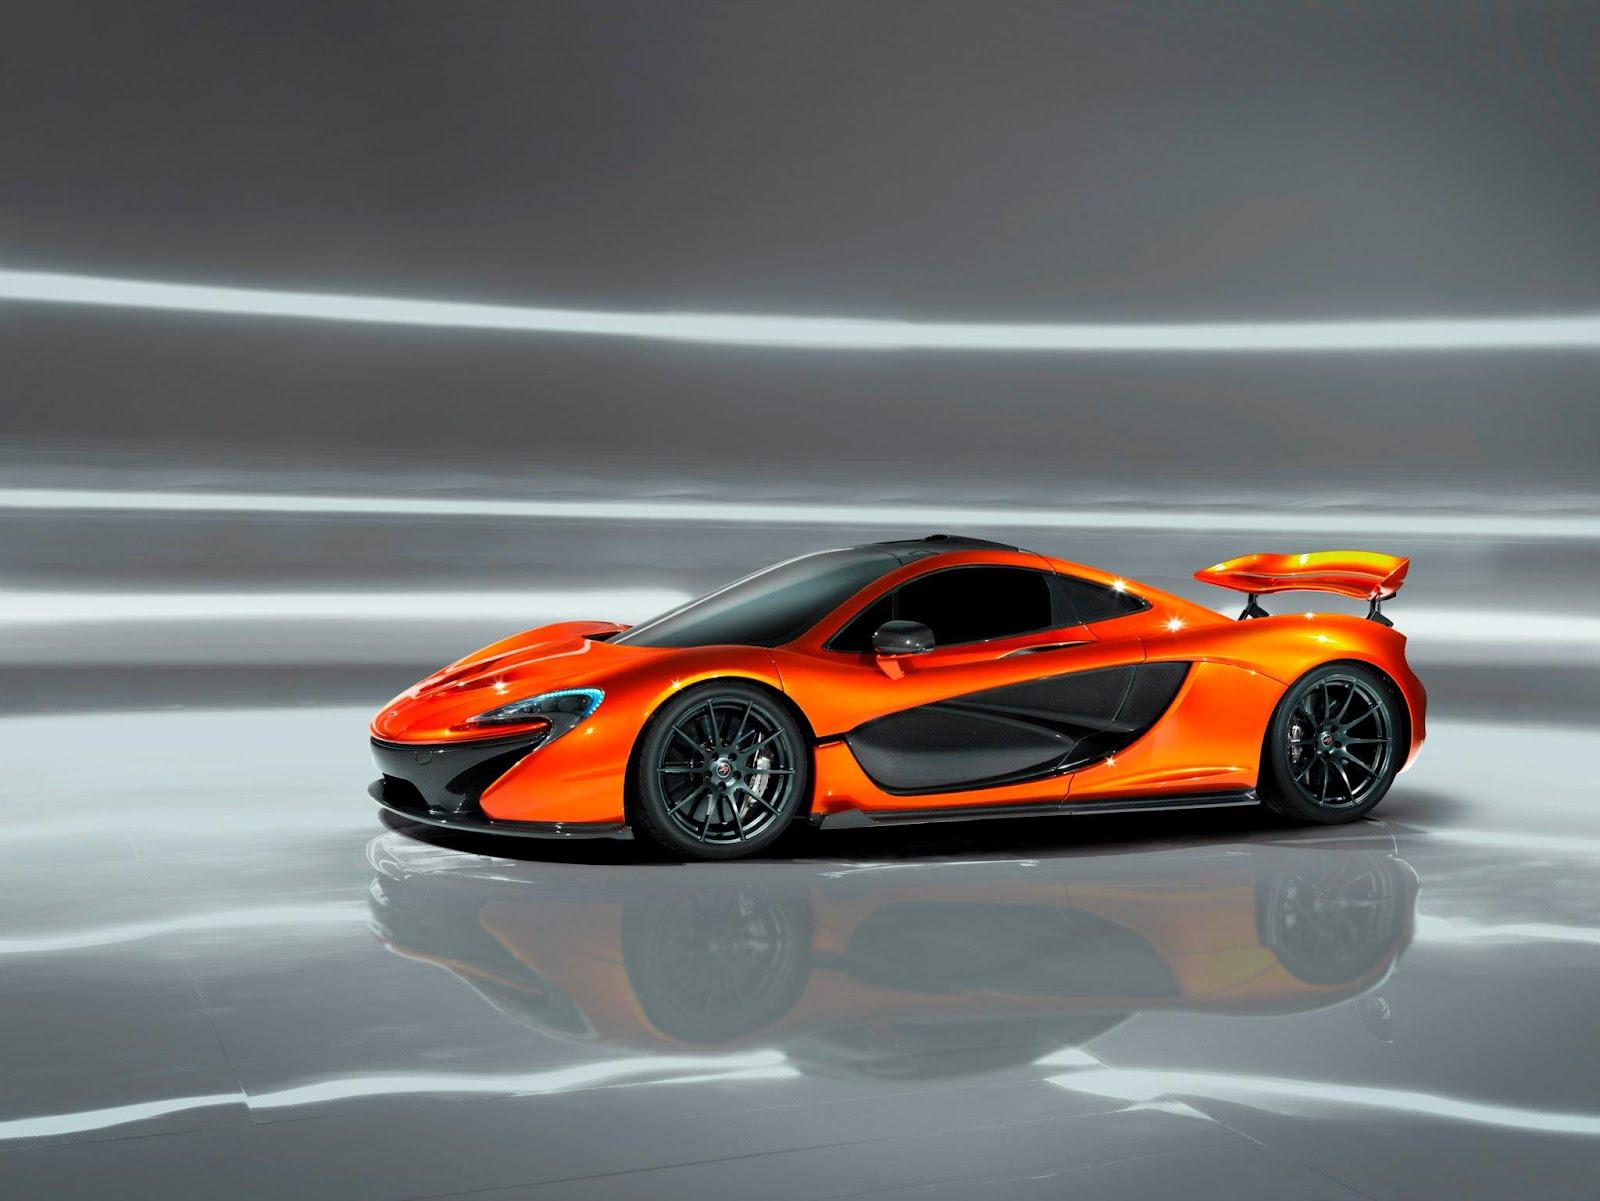 The McLaren P1 Hybrid Supercar Unveiled @ Paris Motorshow By Ron Dennis